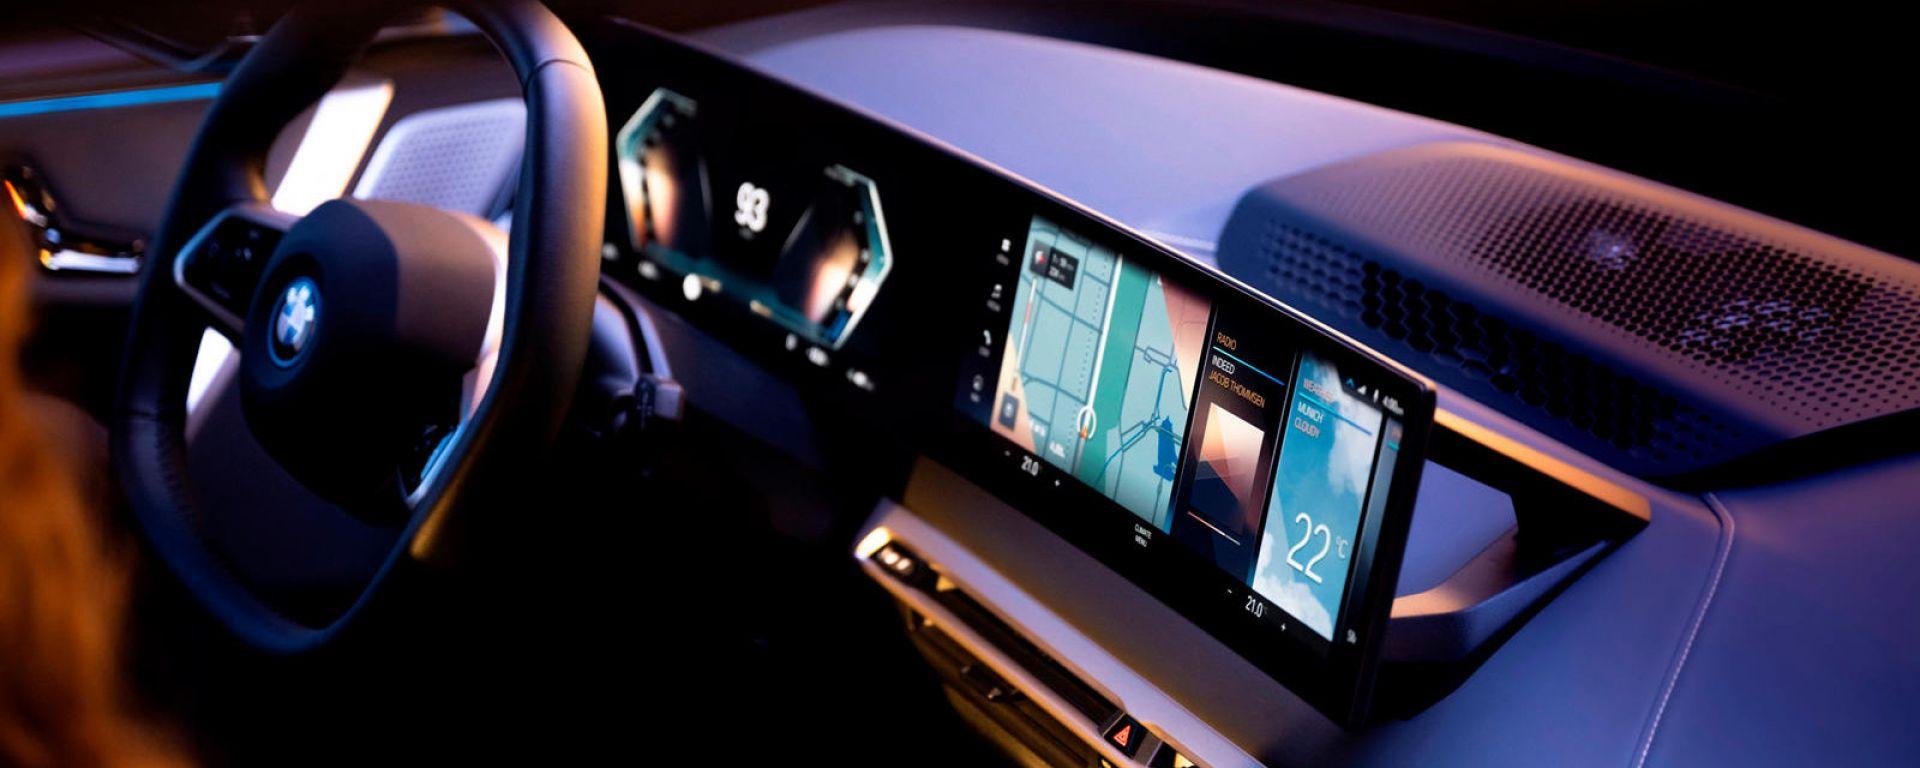 Nuovo BMW iDrive 8: come si evolve l'infotainment di bordo